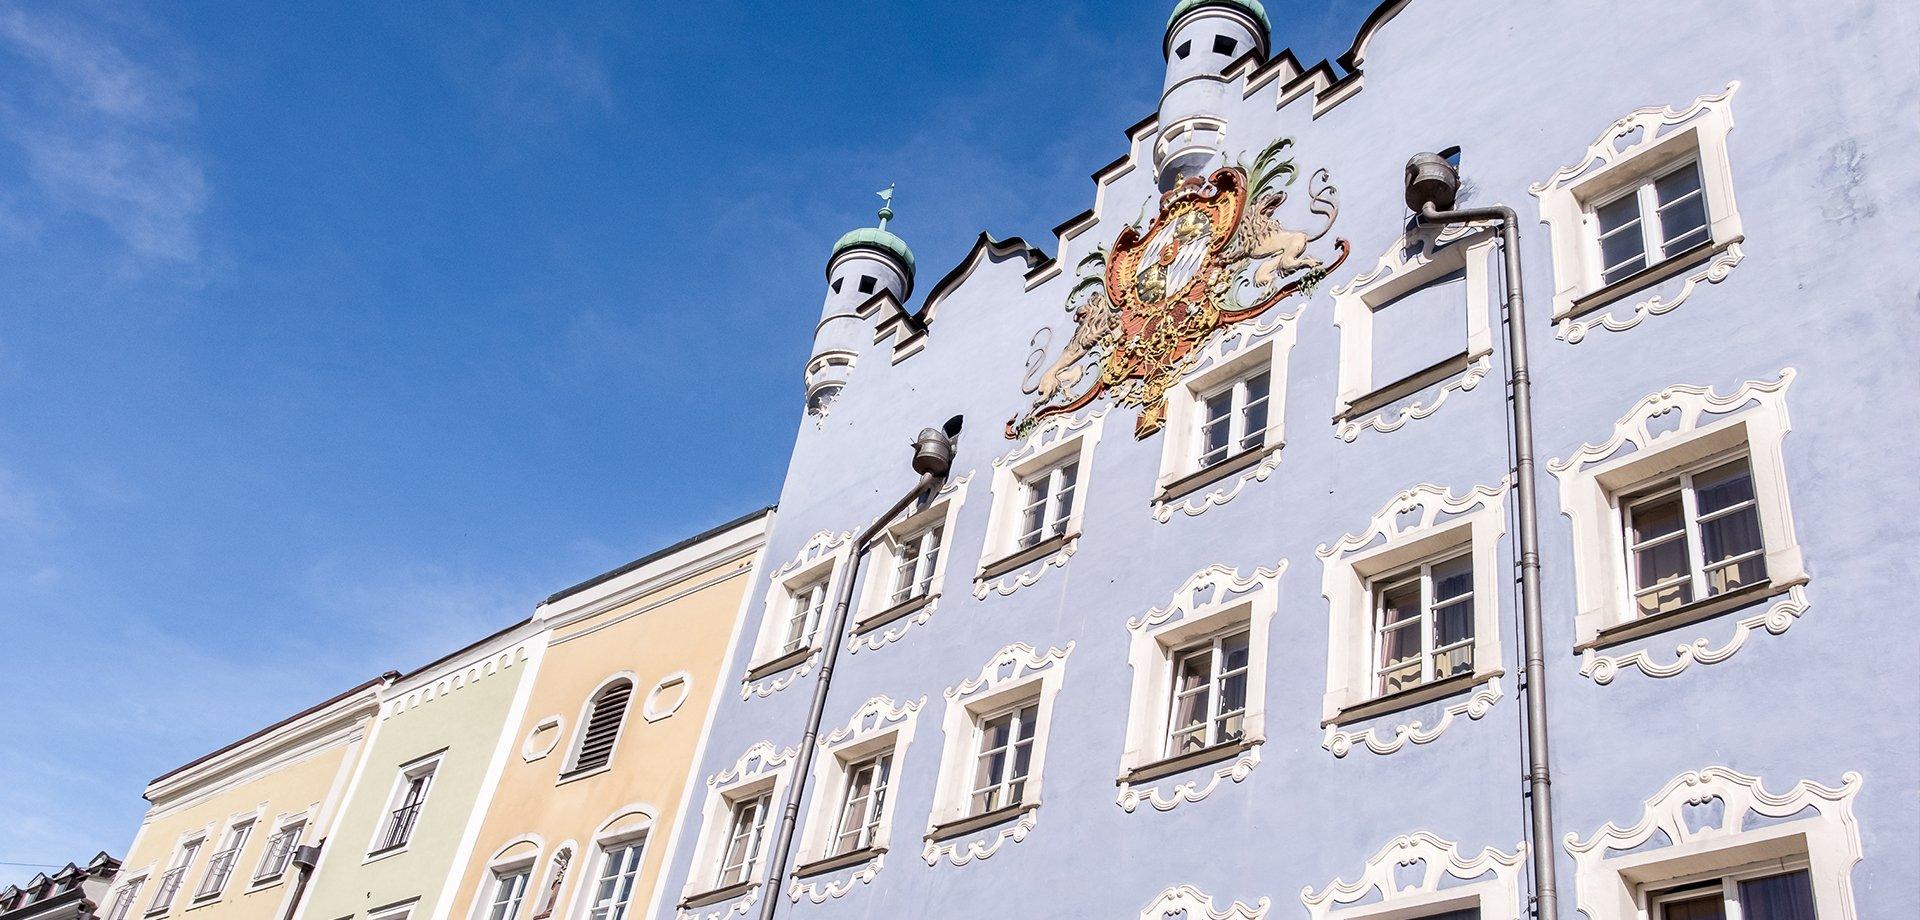 Slider Zinshaus Oberbayern Anlagevermögen Standort